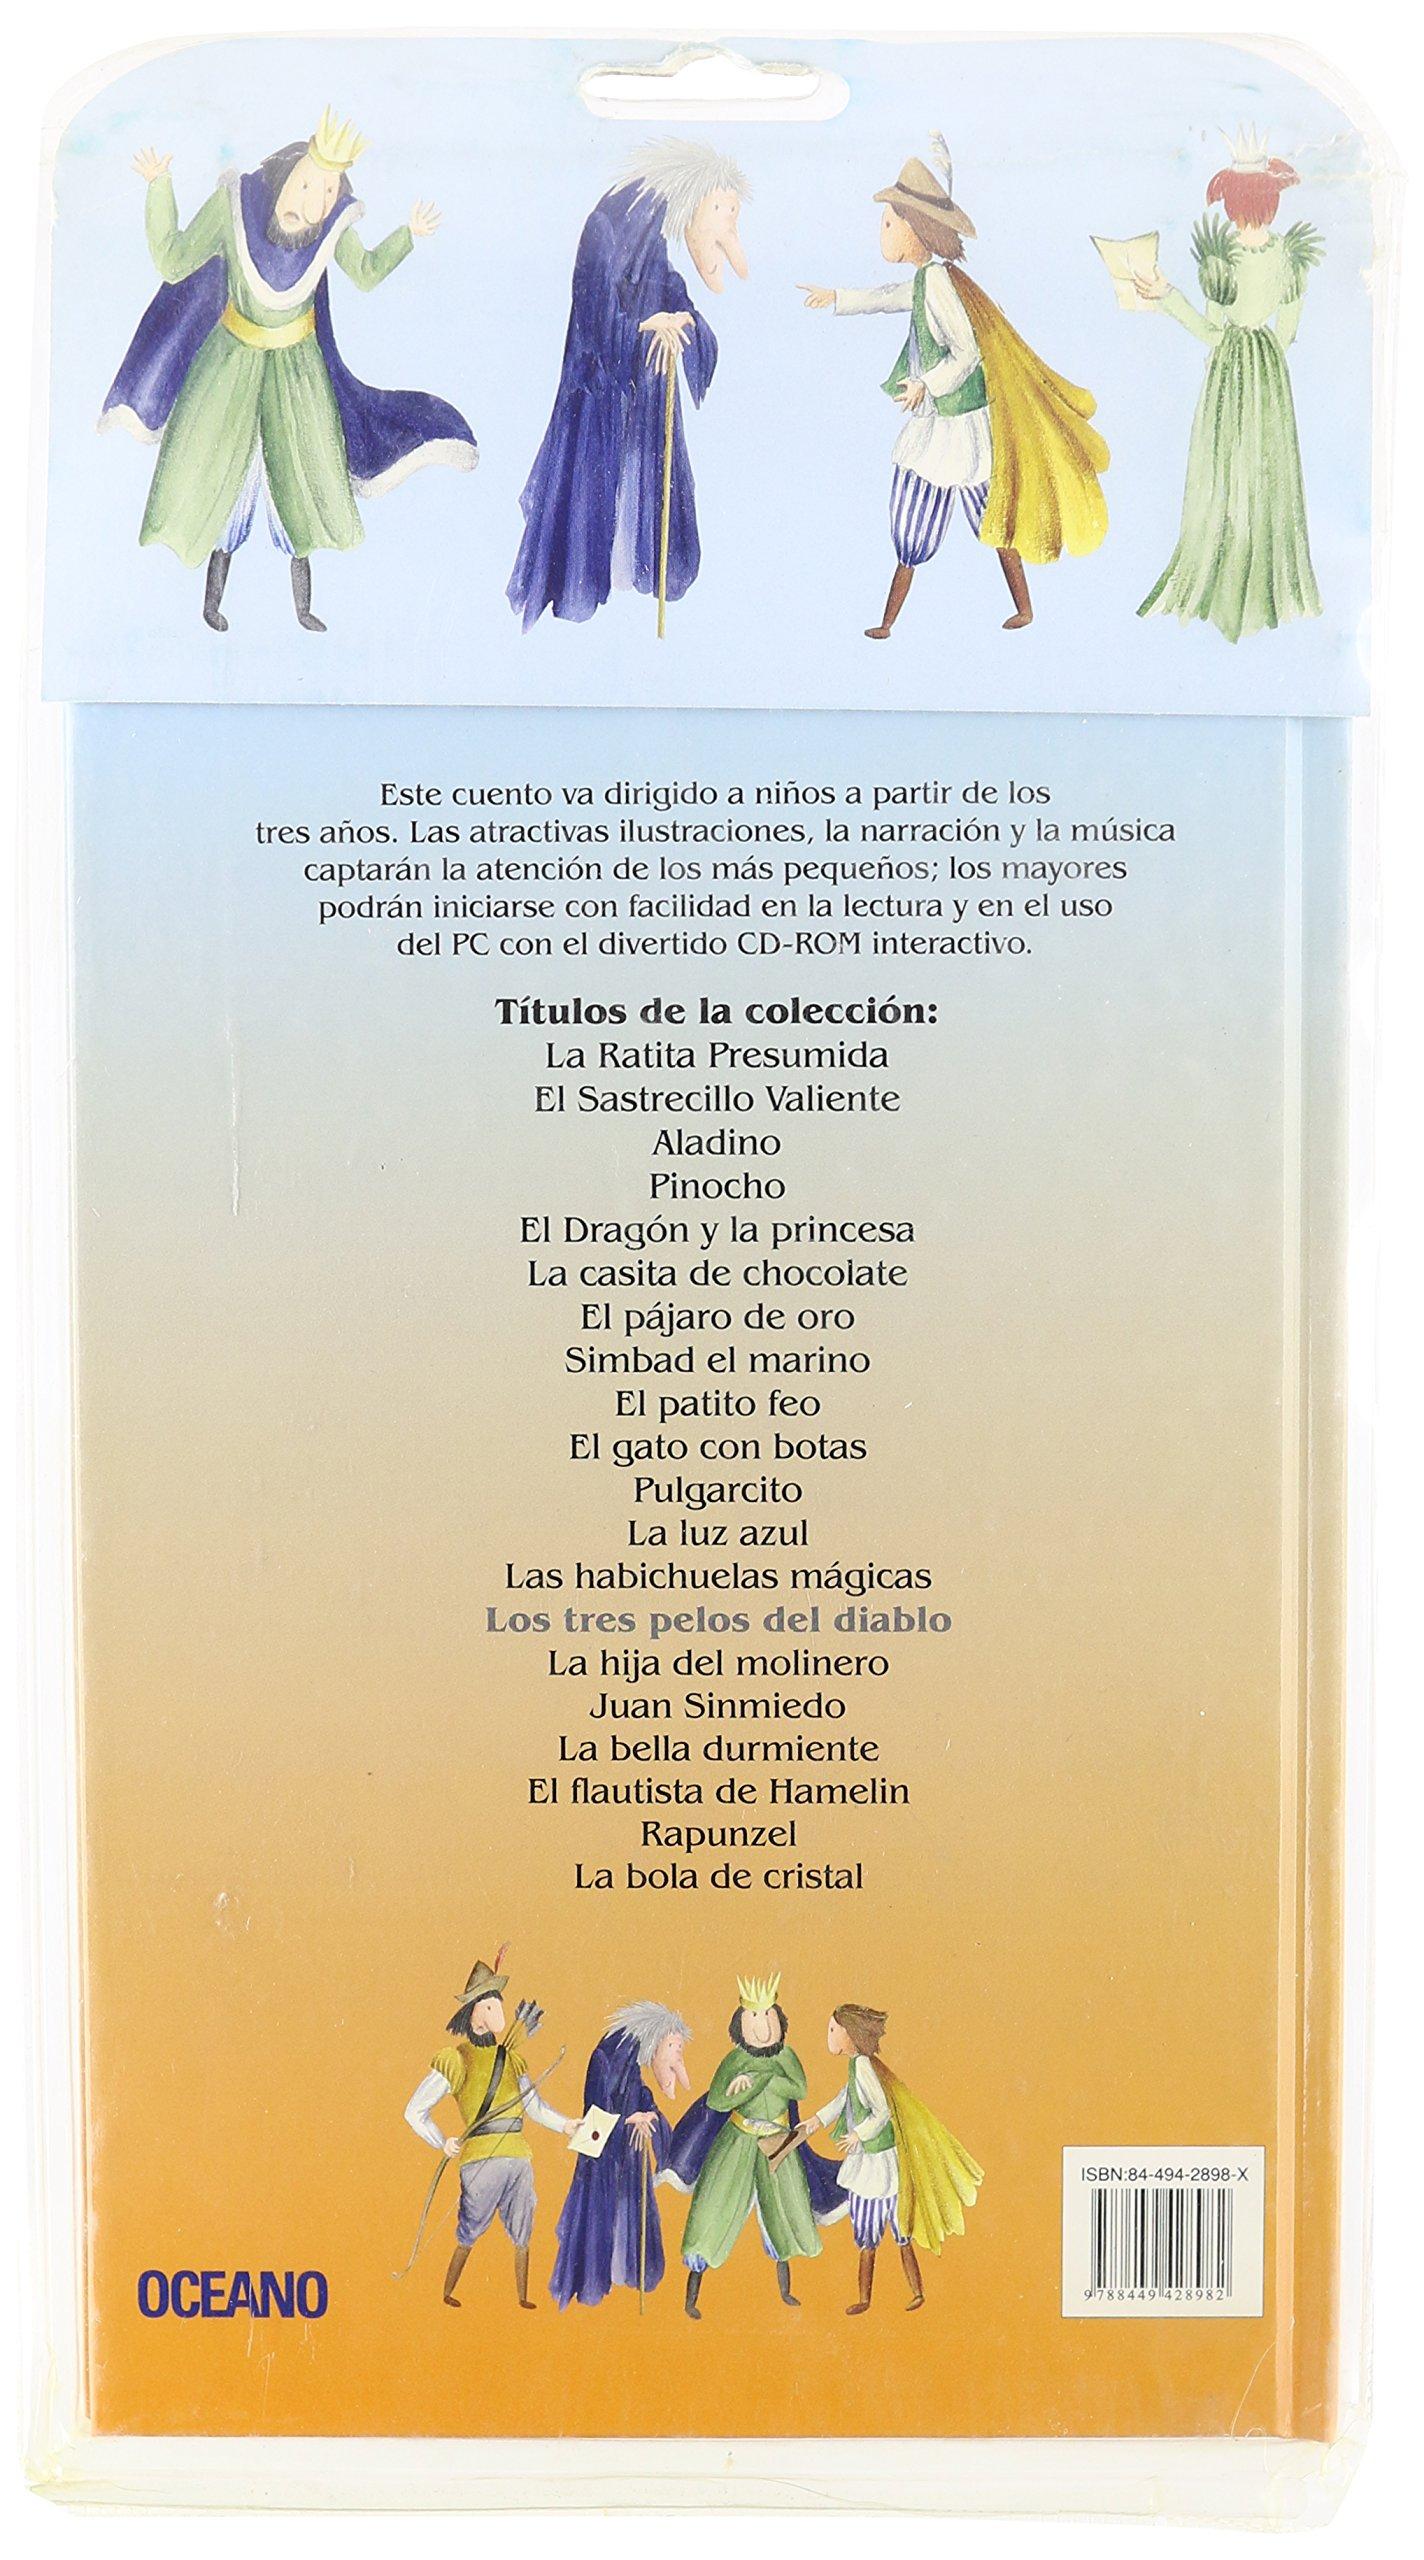 Los Tres Pelos Del Diablo (Cuentos interactivos) (Spanish Edition): Wilhelm Grimm, Miguel Jimenez Hernandez, Jacob Grimm: 9788449428982: Amazon.com: Books